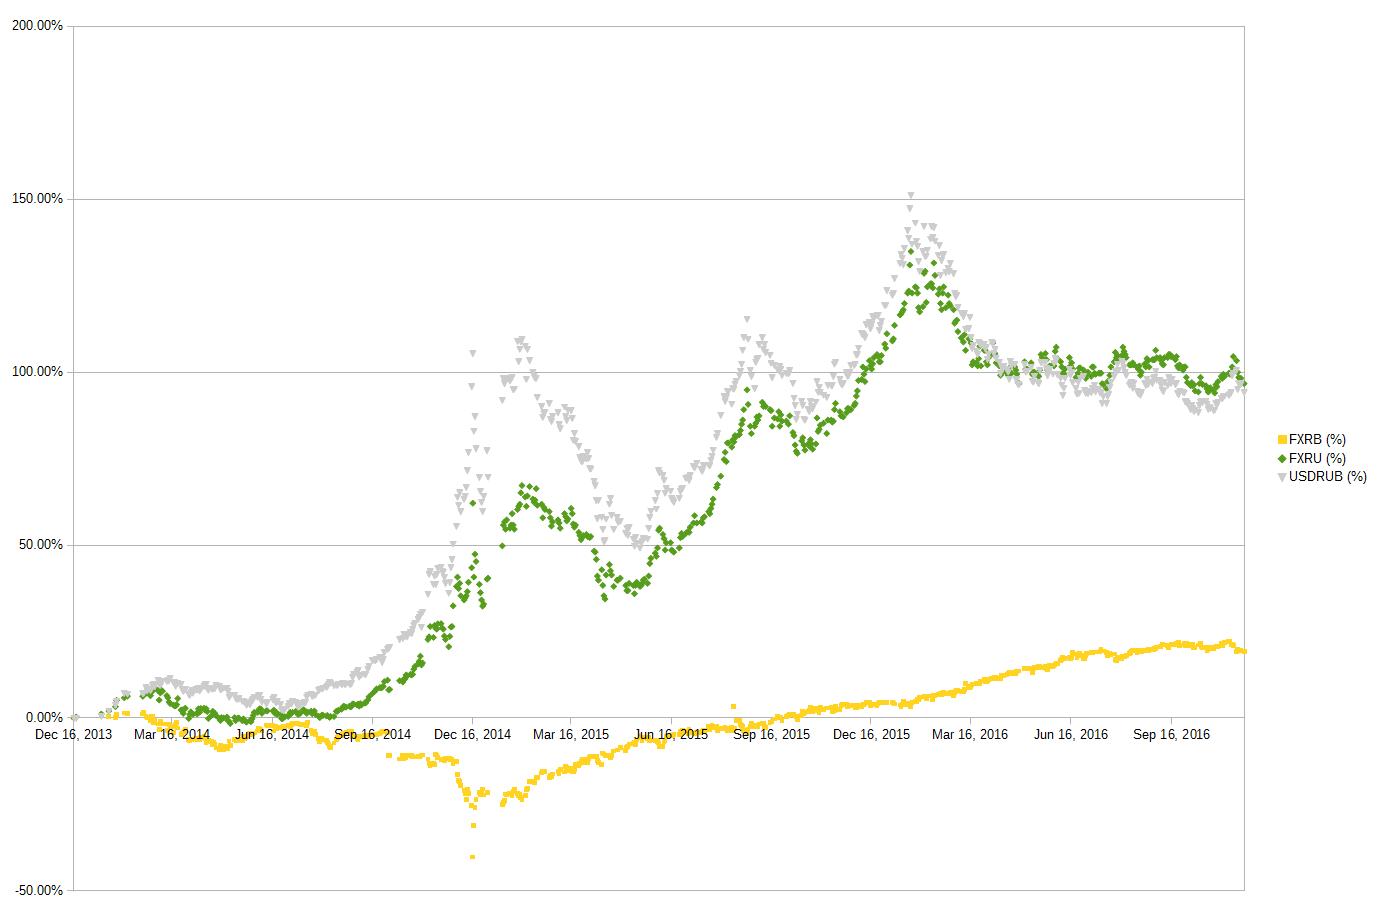 Изменение рублевой цены акций FXRU и FXRB в %, изменение курса доллара в %